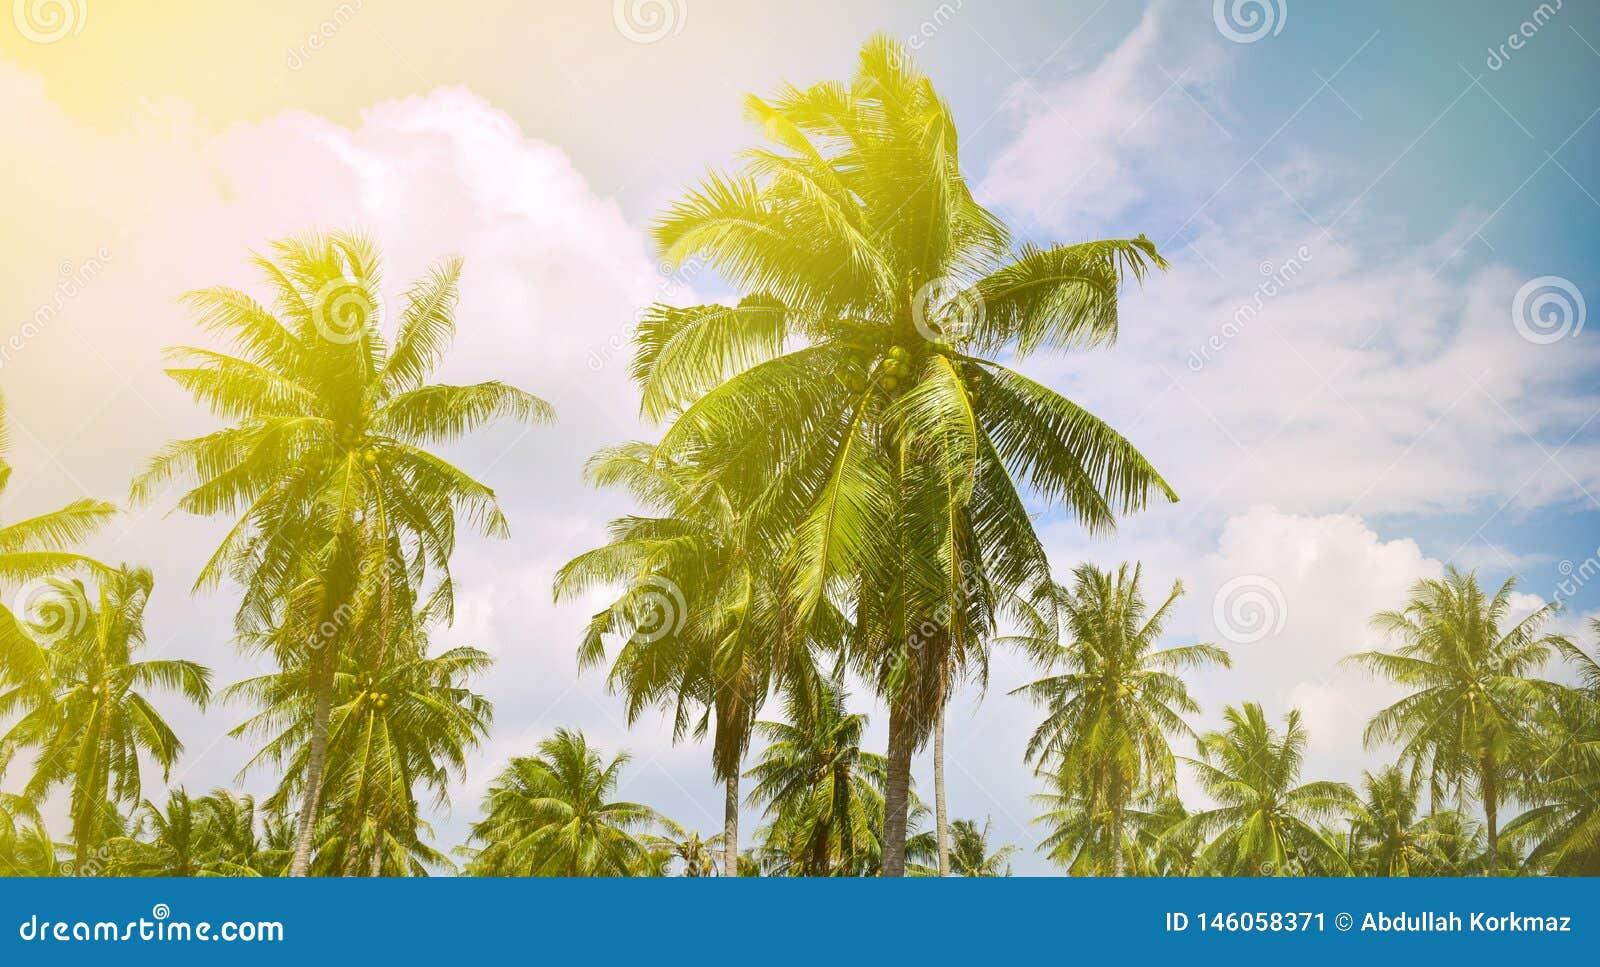 Красивый ландшафт с пальмами кокоса